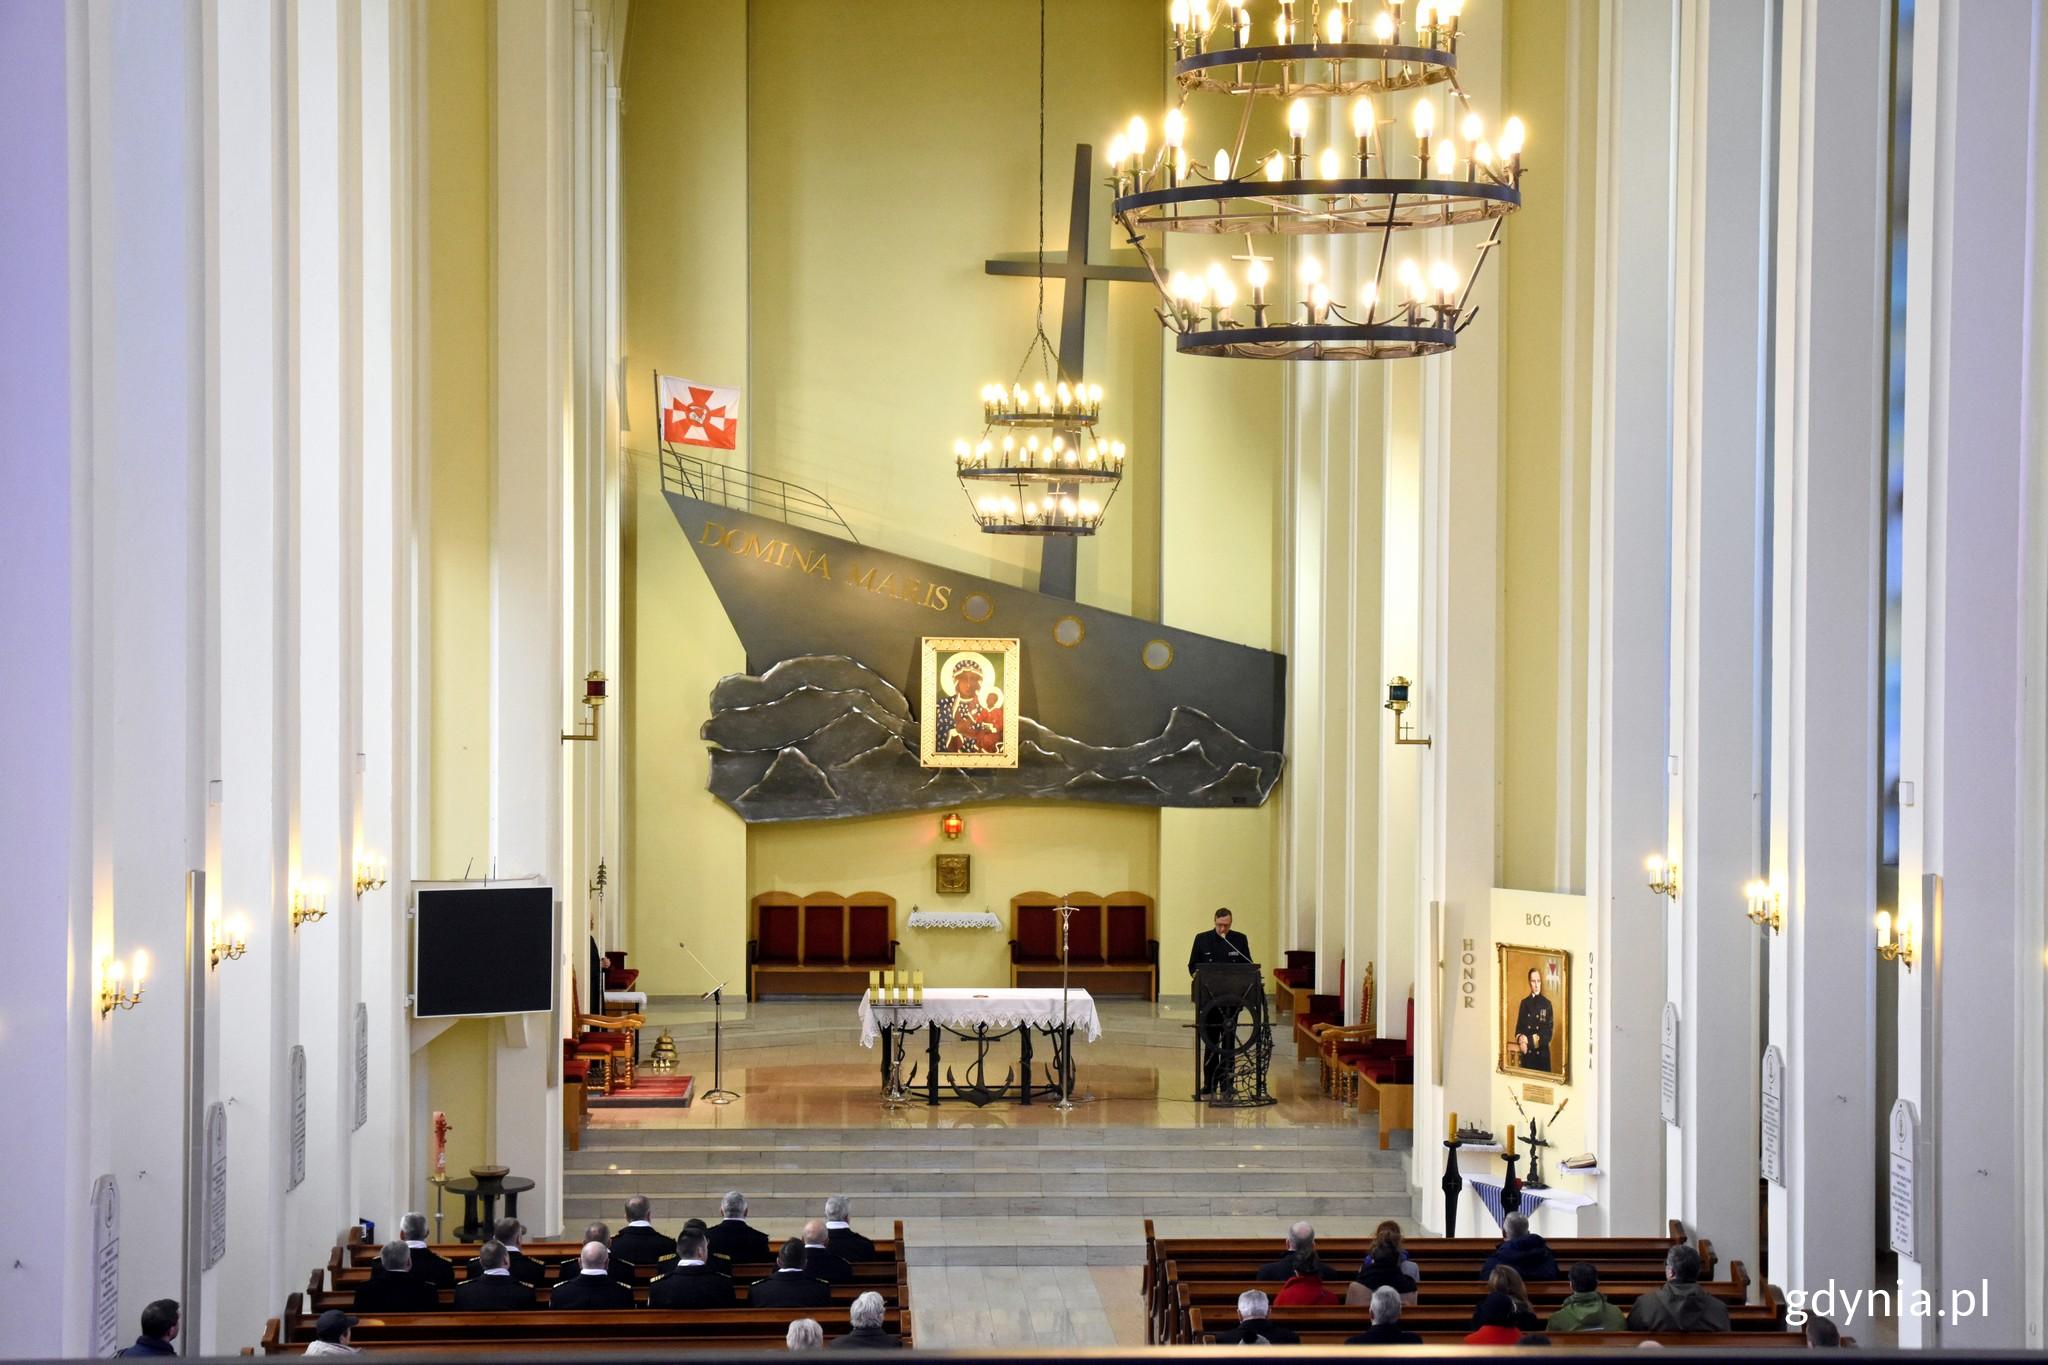 Uroczystość odsłonięcia charakterystycznej biało-niebieskiej tablicy symbolicznie przypieczętowała wpis kościoła do wojewódzkiego rejestru zabytków, fot. Jan Ziarnicki